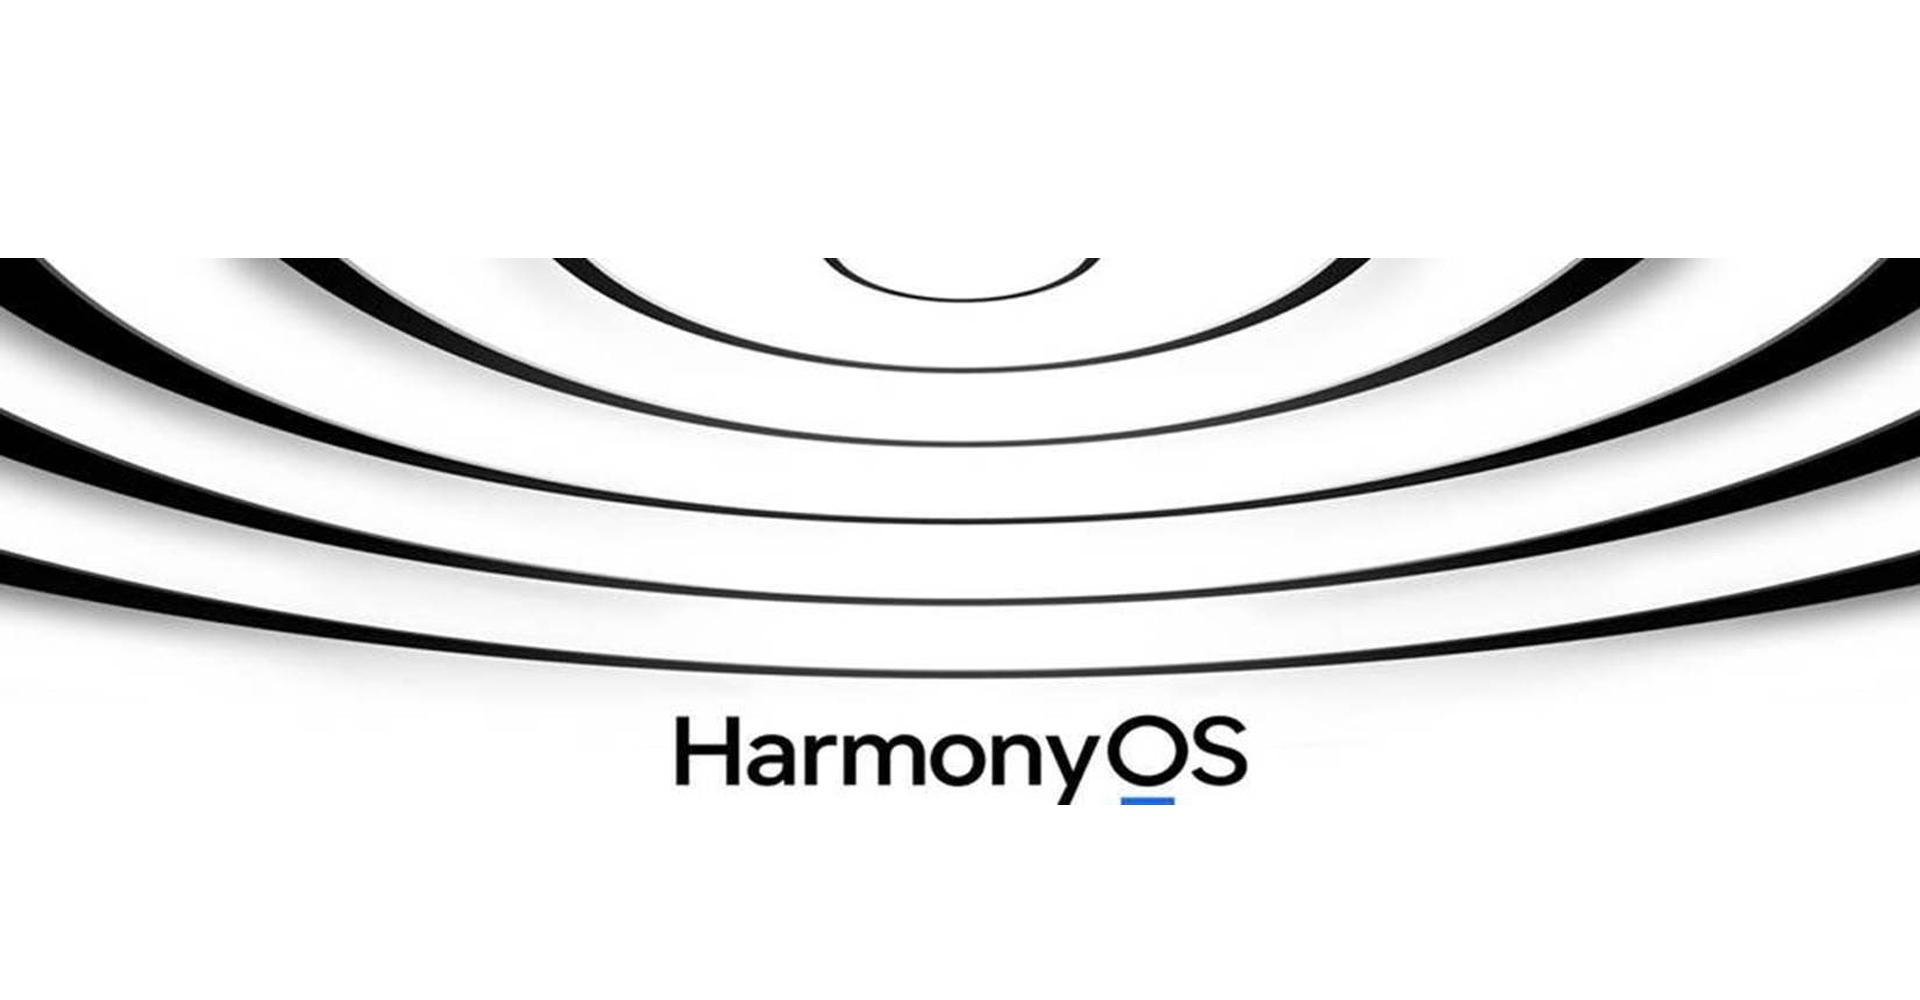 Harmons OS Logo: konnzentrische Halbkreise in Schwarz